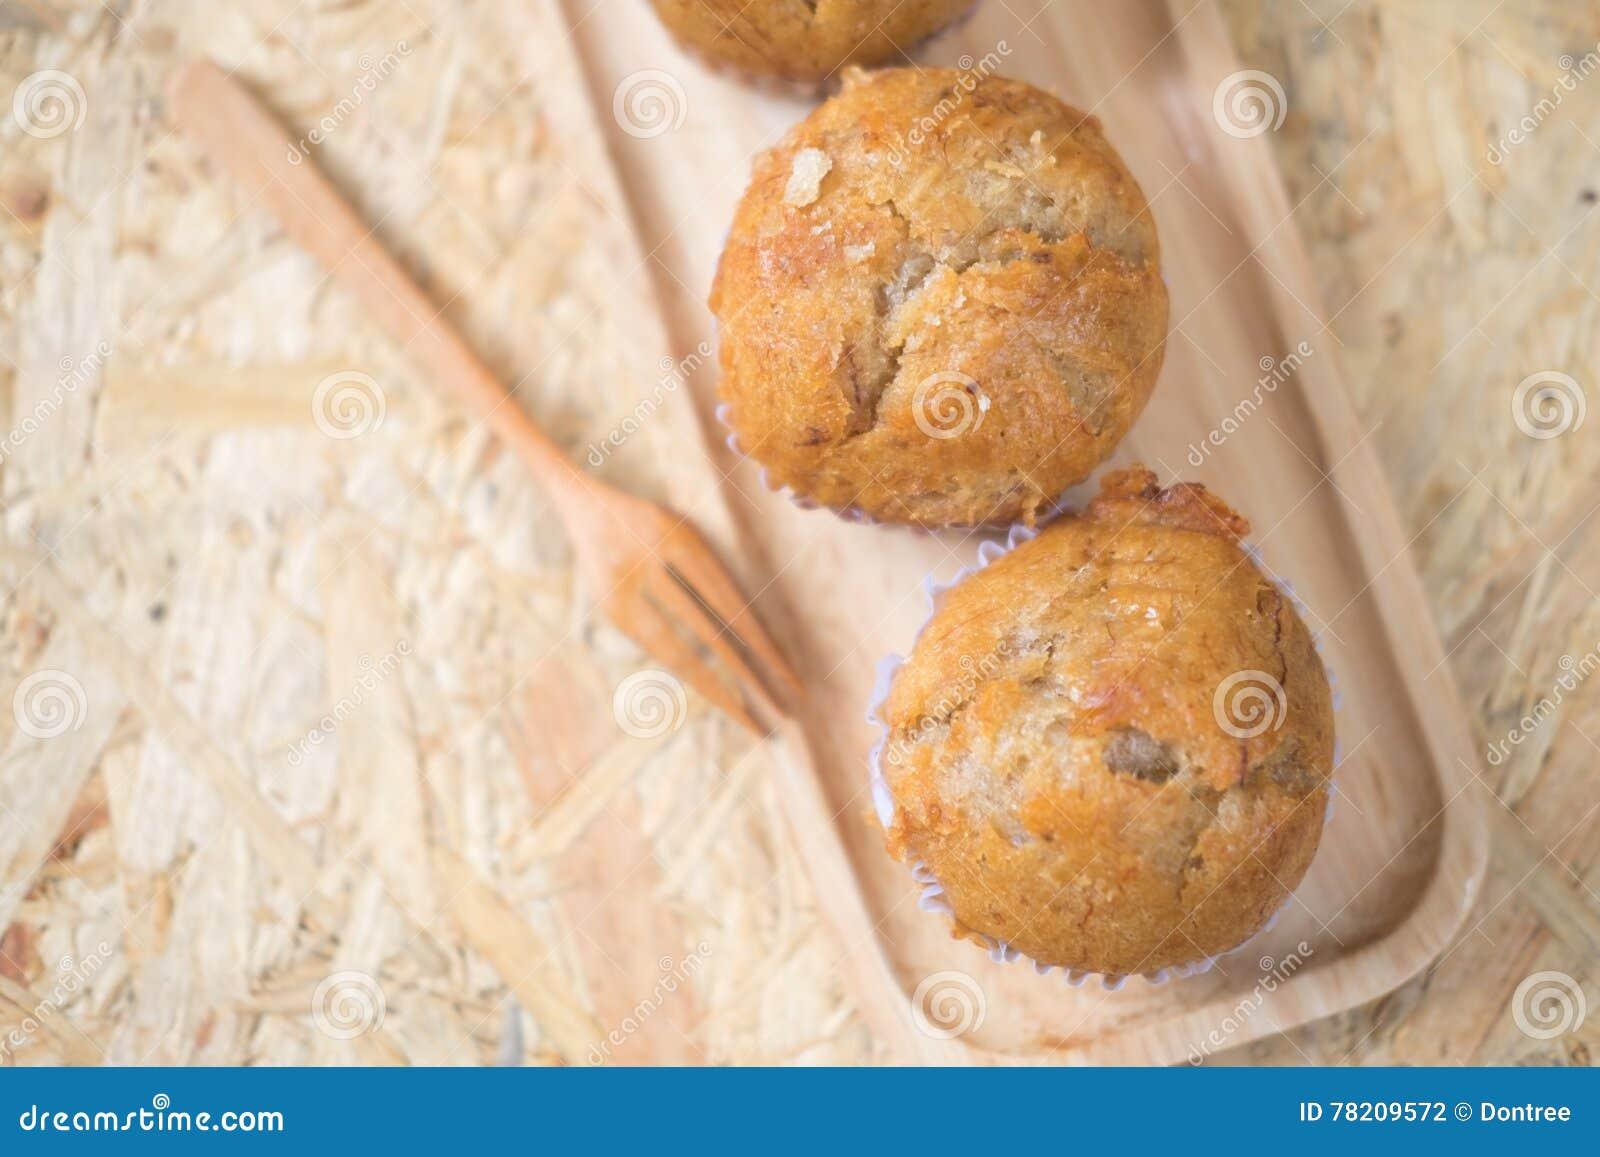 Healthy vegan banana muffins in wood pan